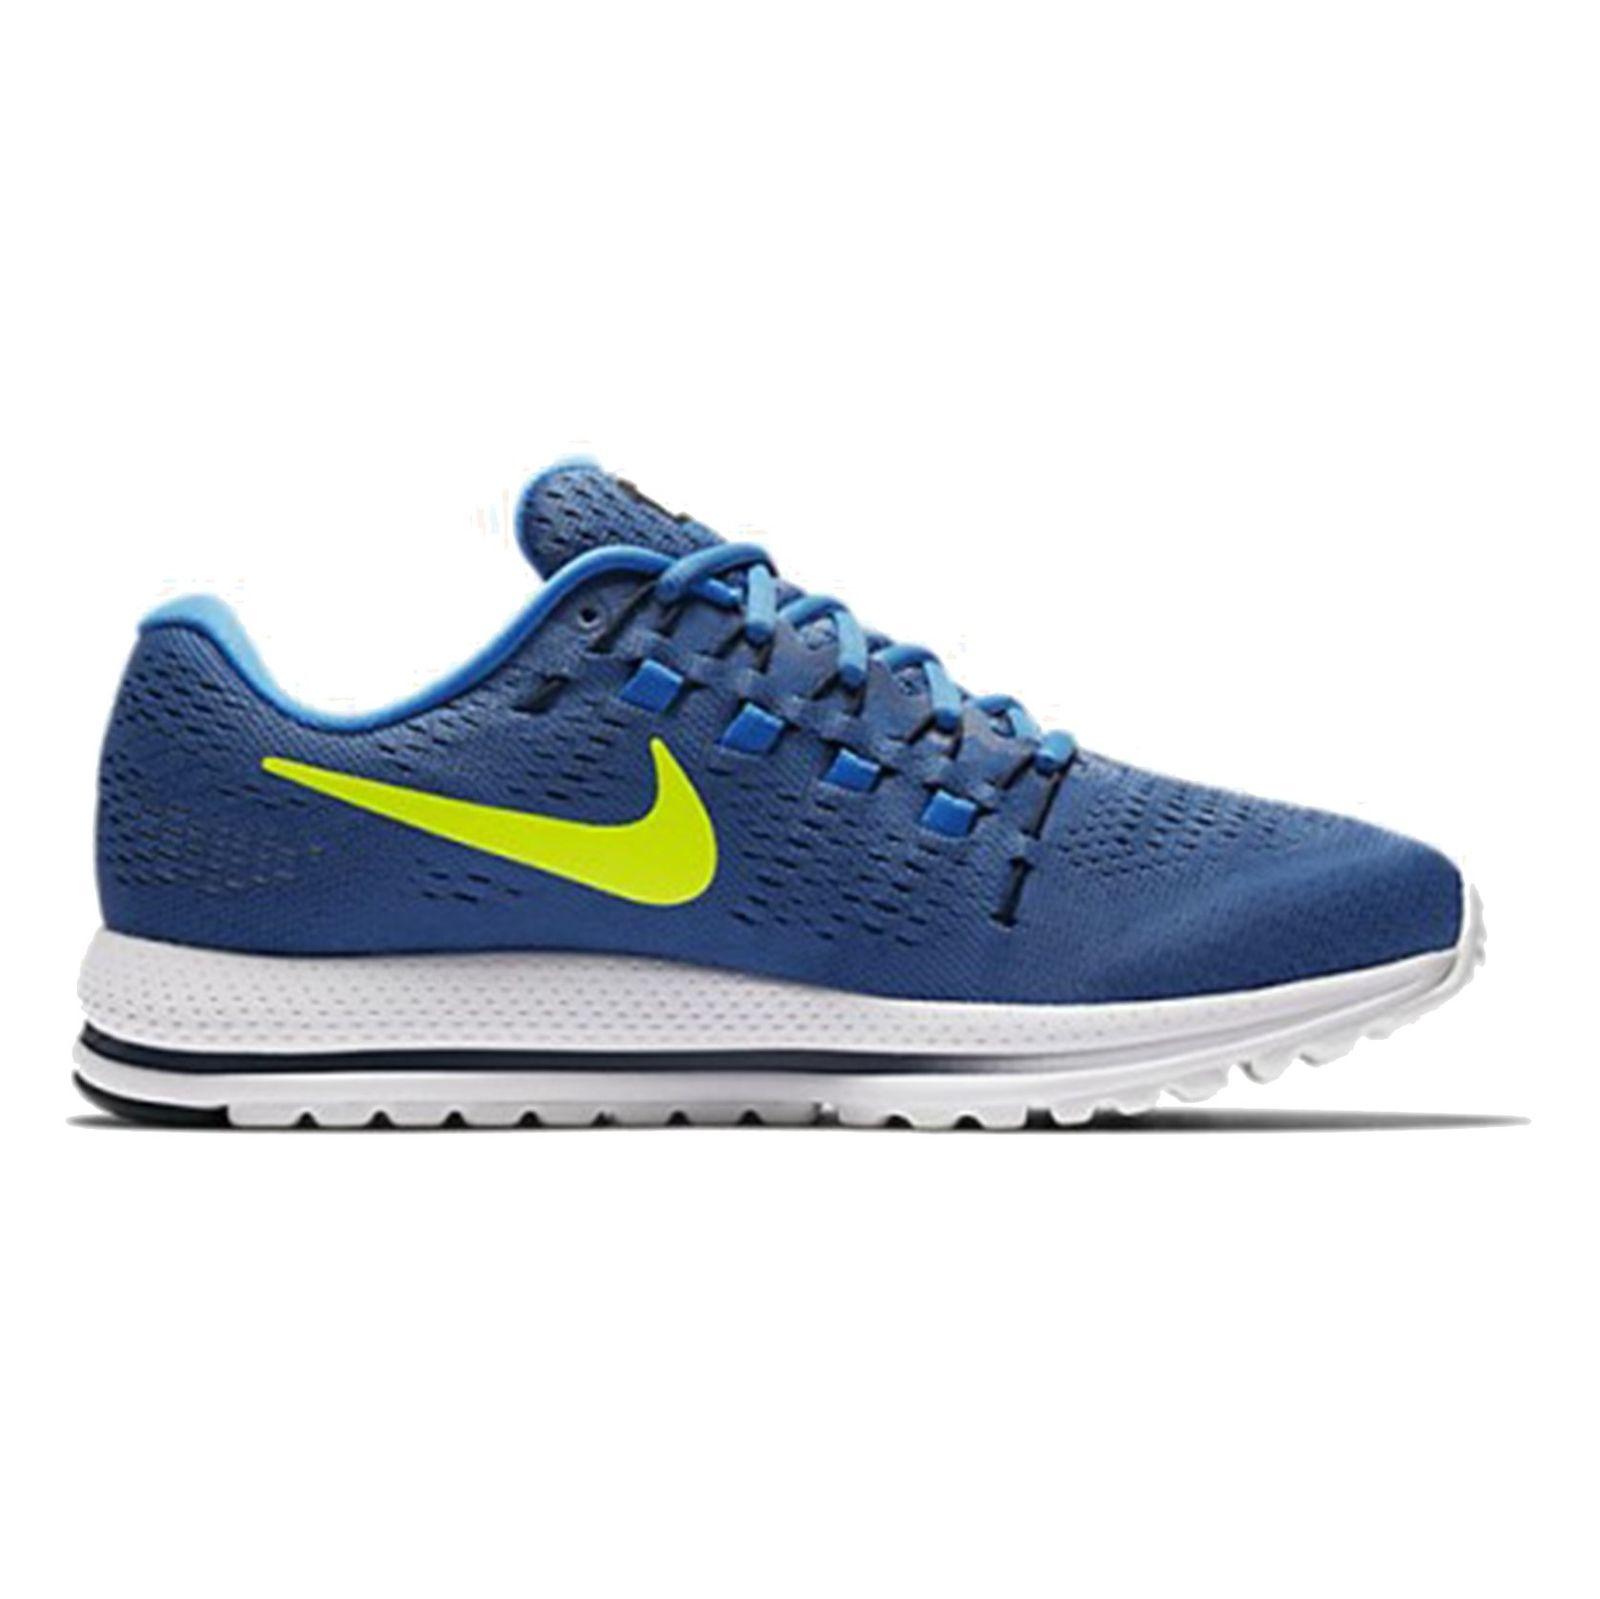 کفش دویدن بندی مردانه Air Zoom Vomero 12 - نایکی - آبي تيره - 1